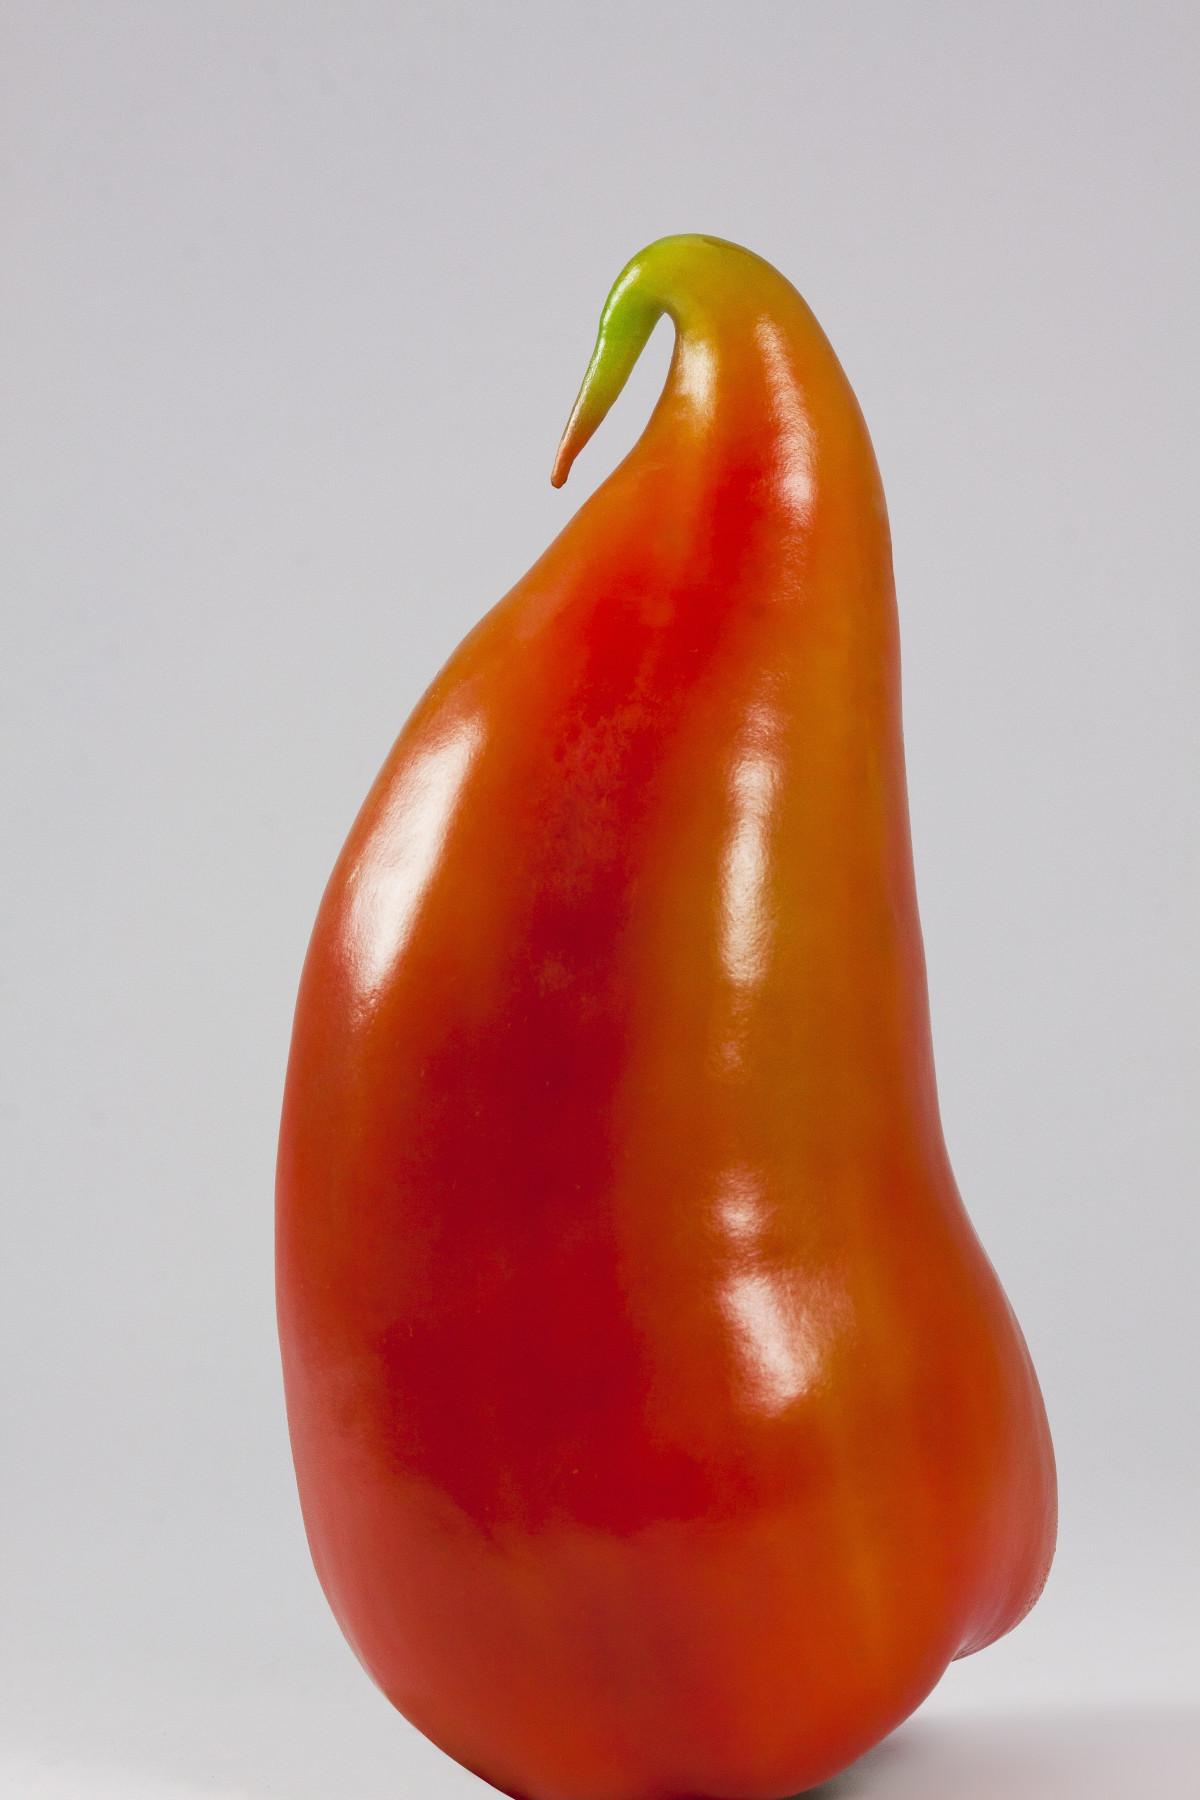 무료 이미지 : 과일, 주황색, 식품, 빨간, 생기게 하다, 야채, 부엌 ...